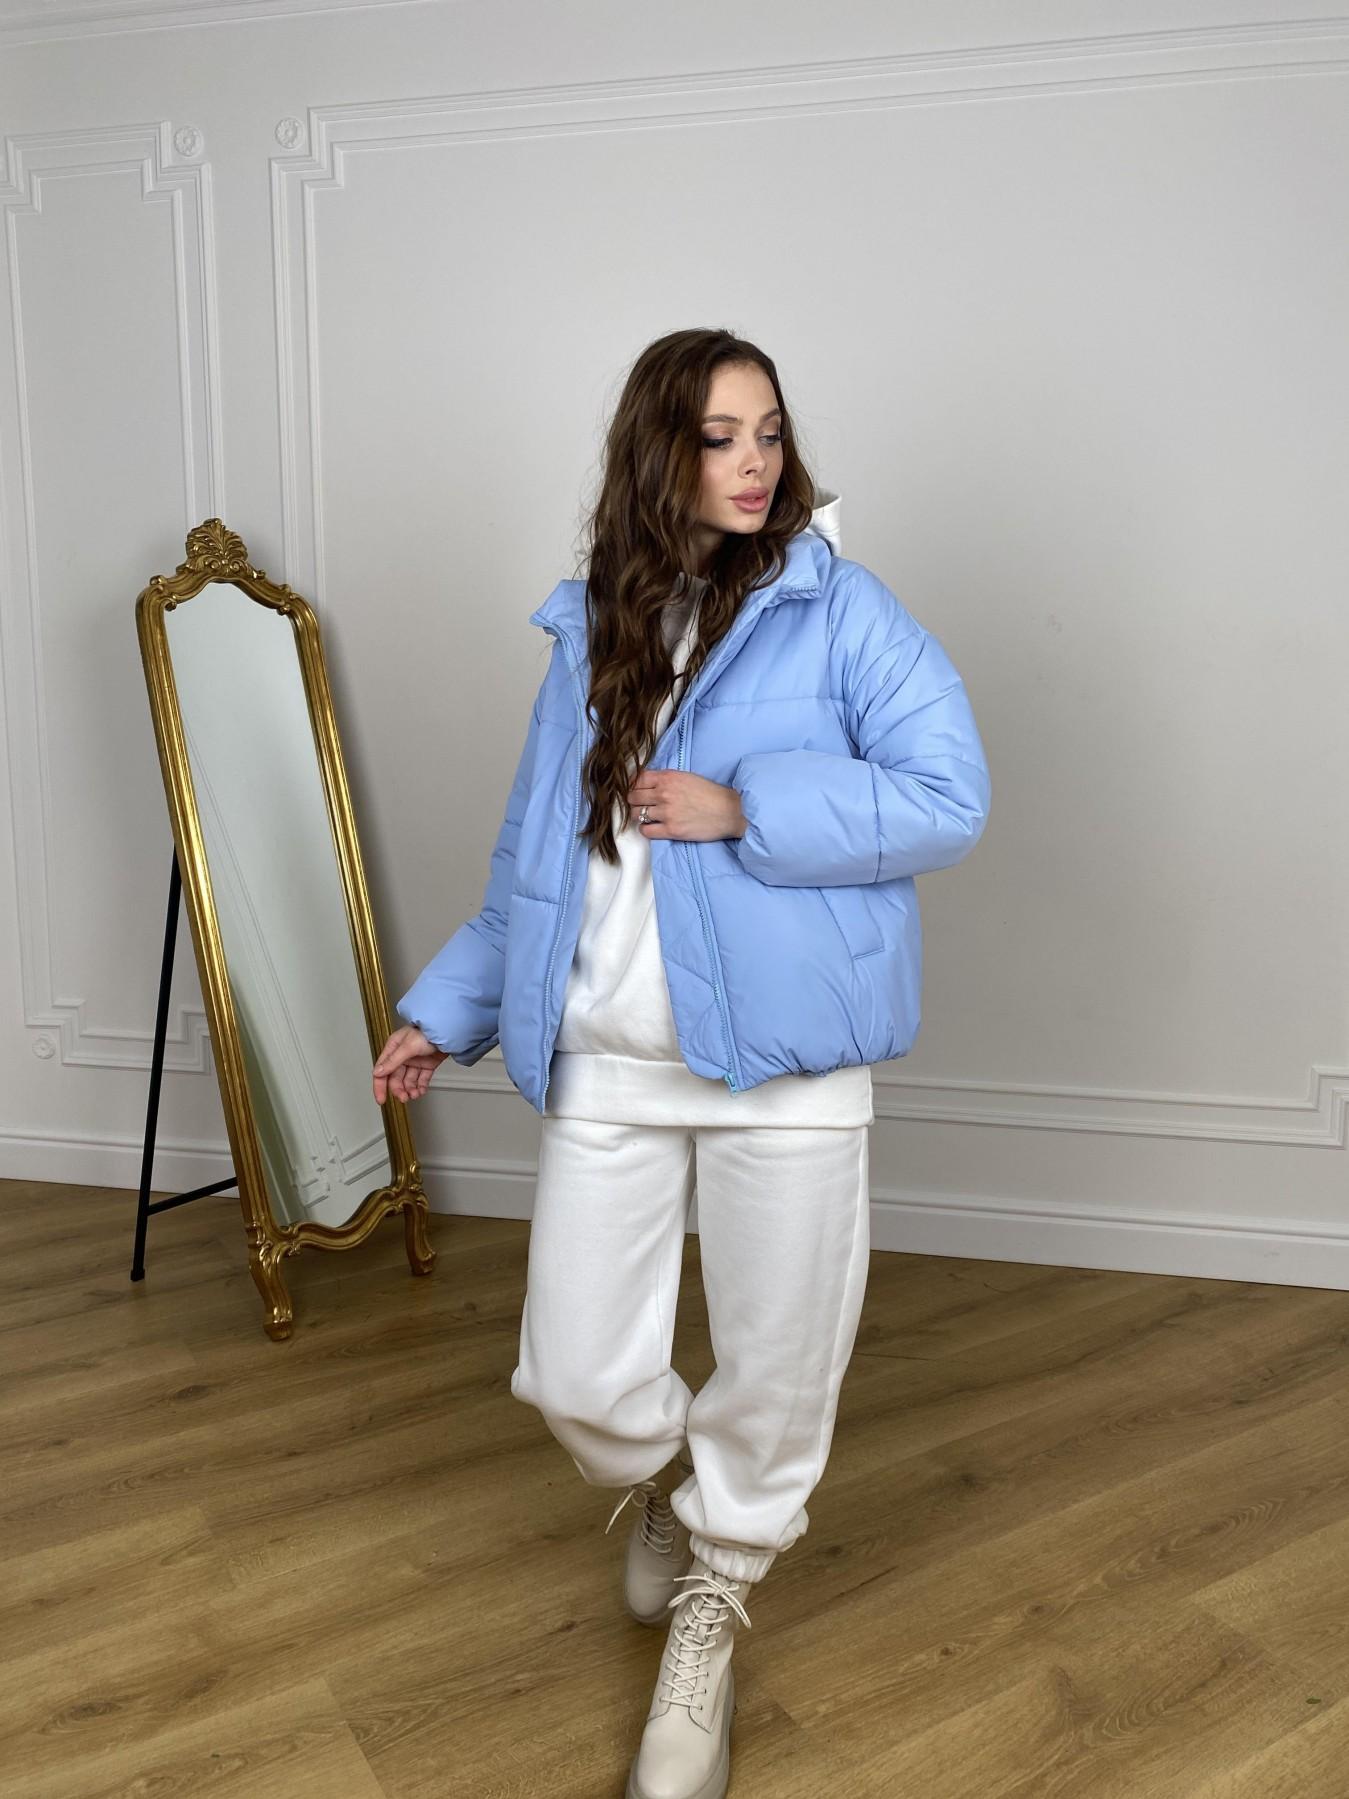 Муд куртка из плащевой ткани 10509 АРТ. 46916 Цвет: Голубой - фото 5, интернет магазин tm-modus.ru